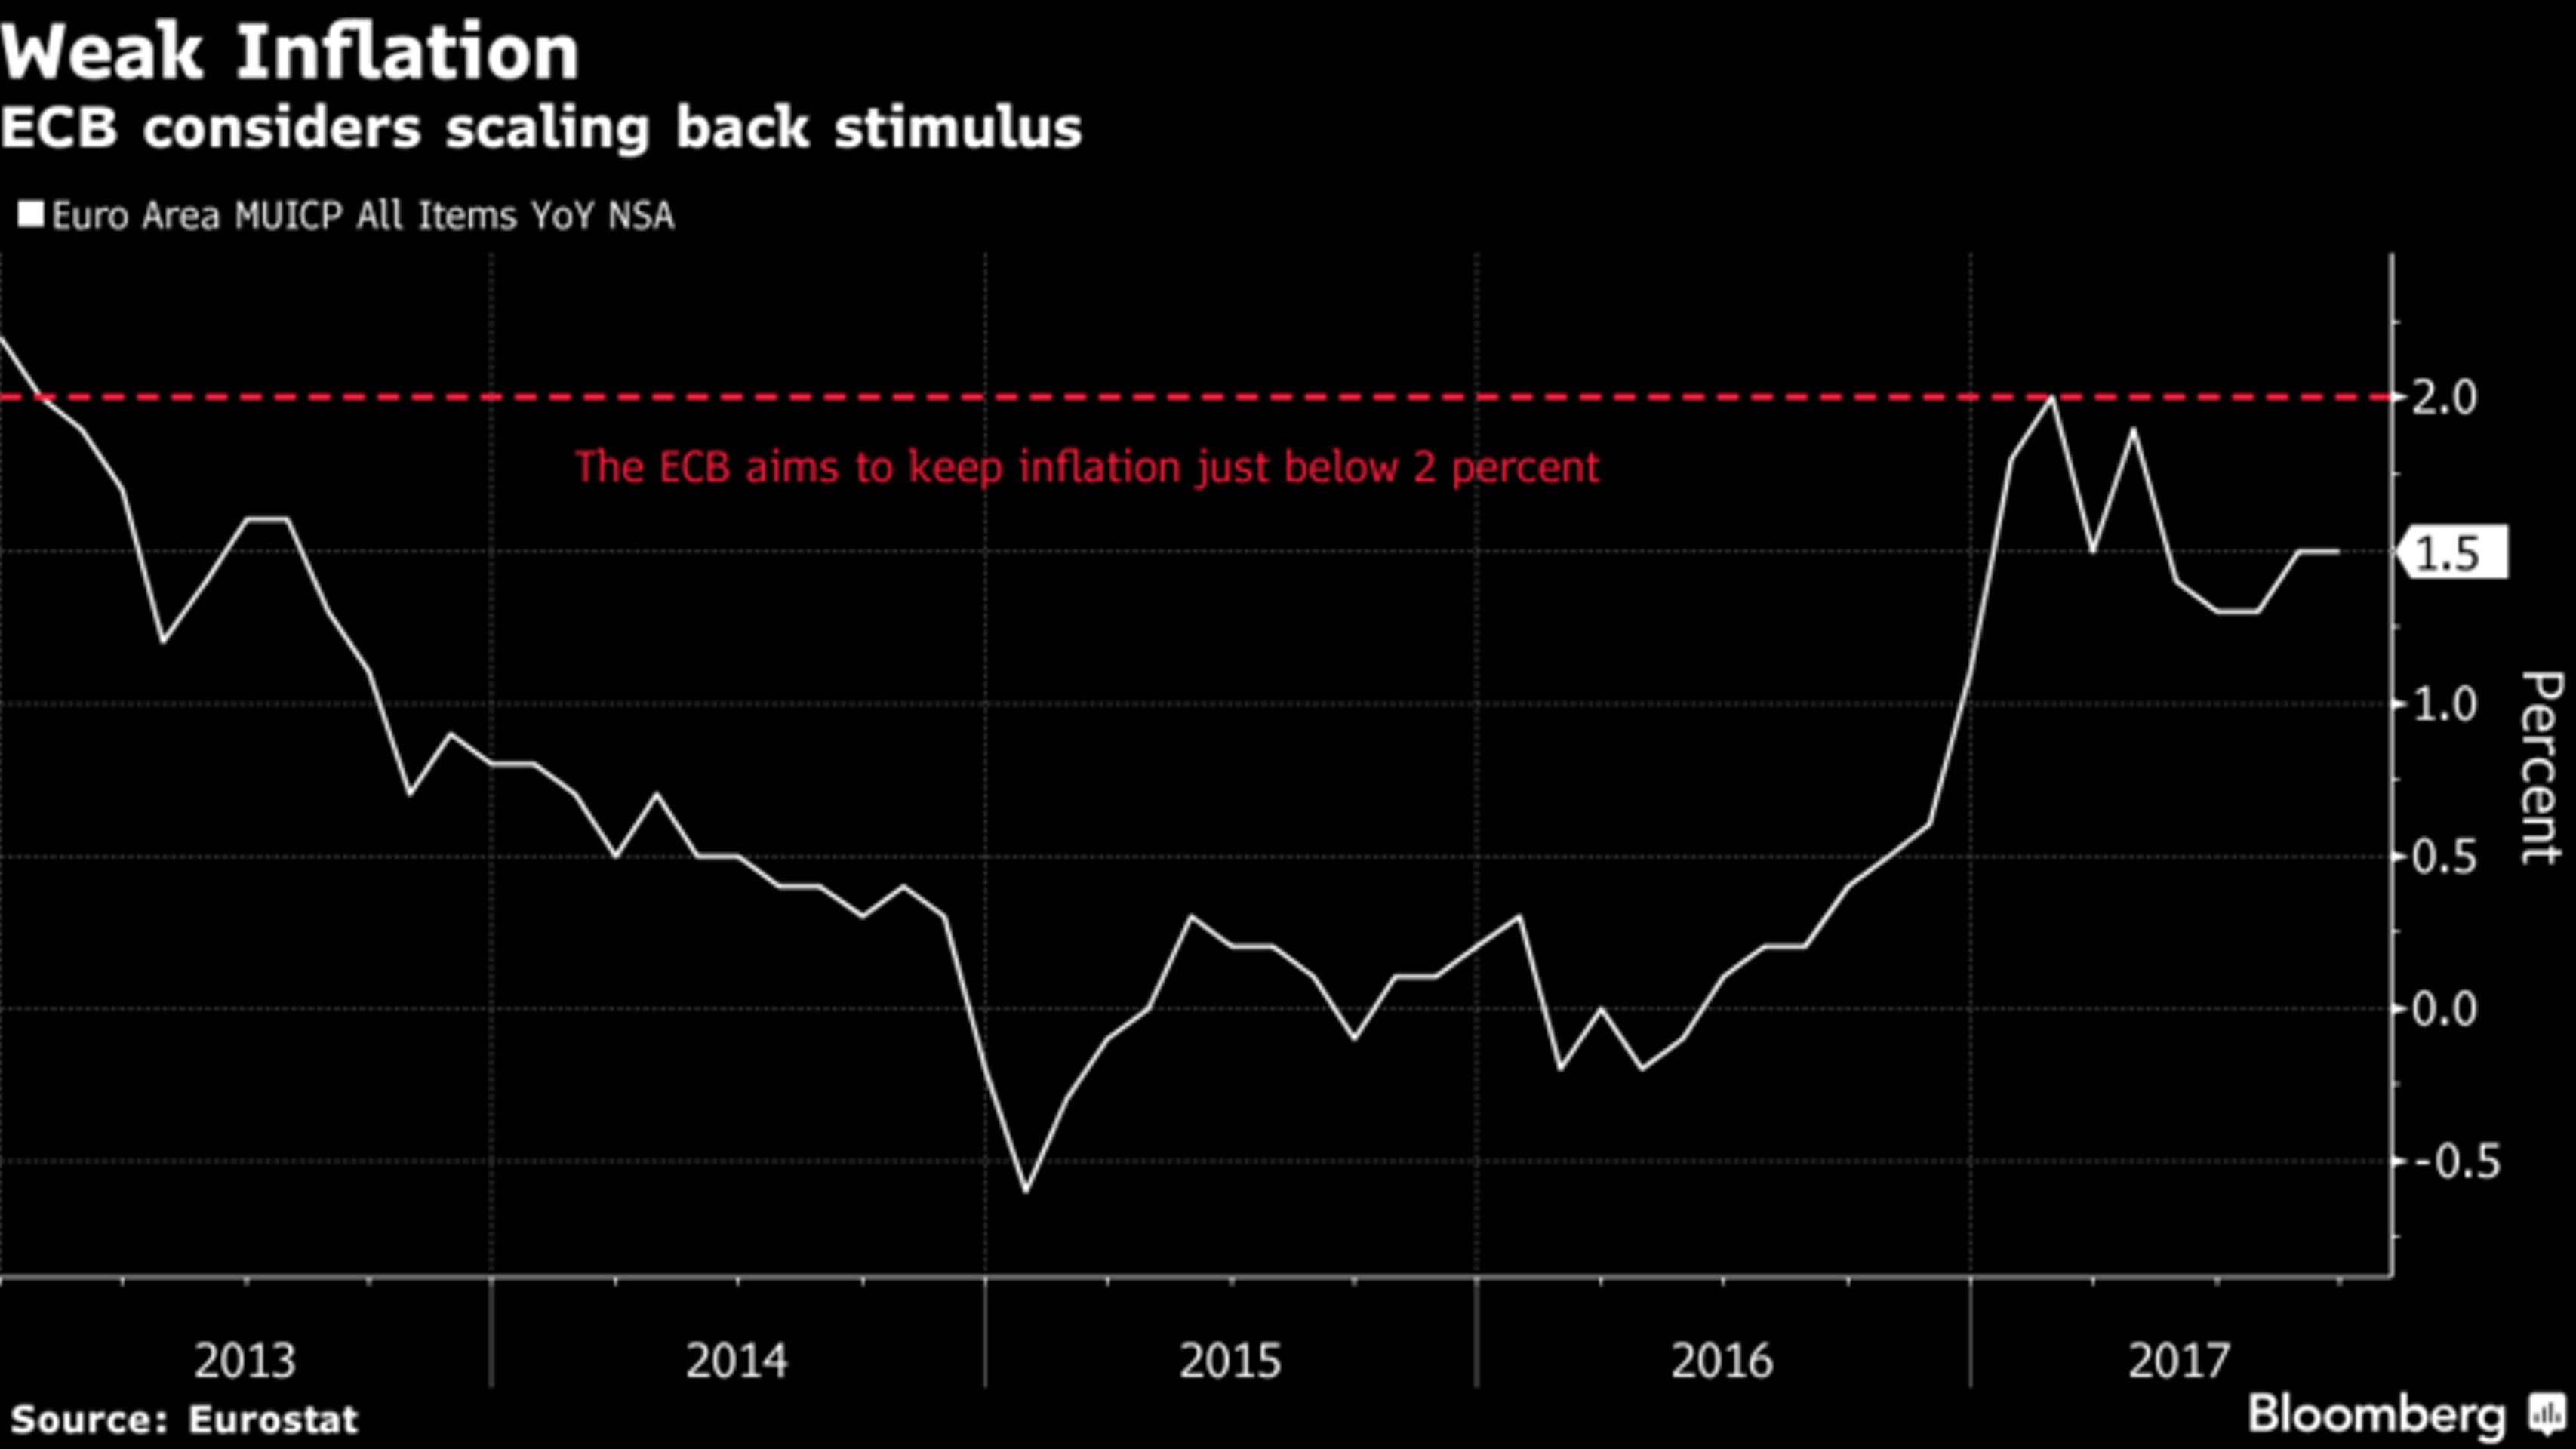 ЕЦБ ограничил QE в 2,5 трлн евро. Что дальше?